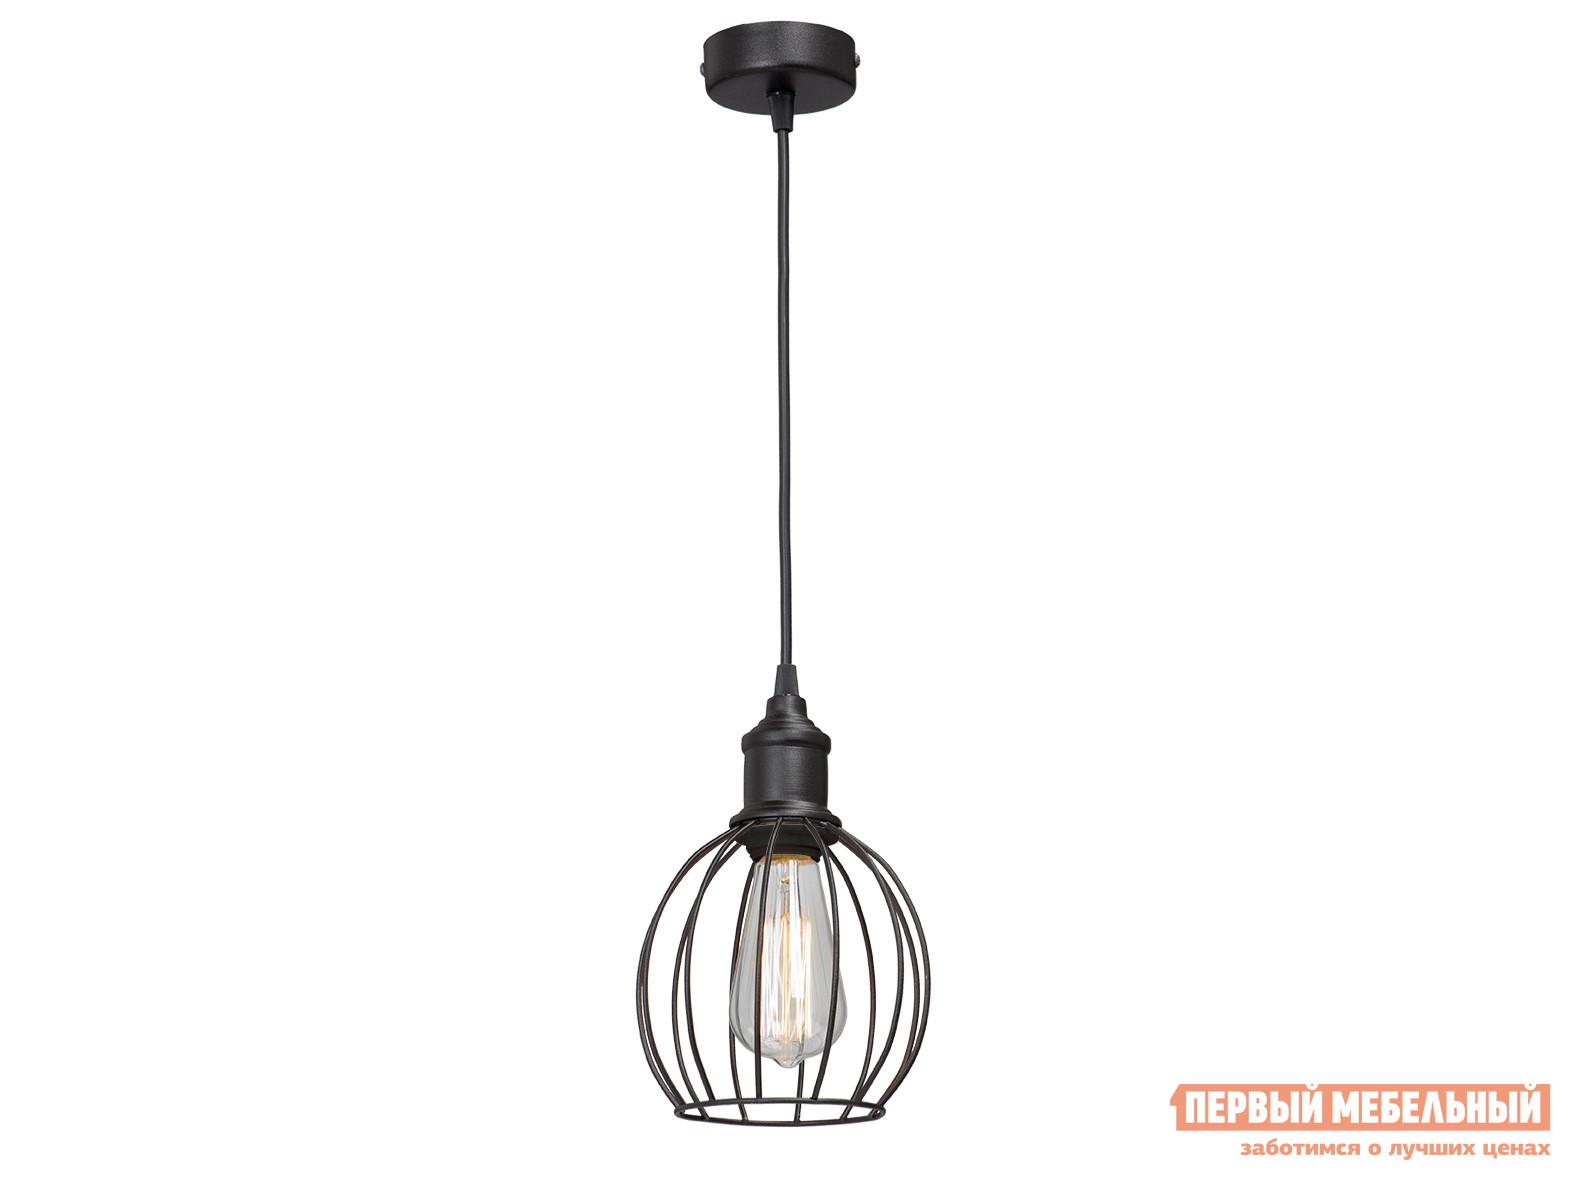 Подвесной светильник КСК-электро Люстра V4176-1/1S